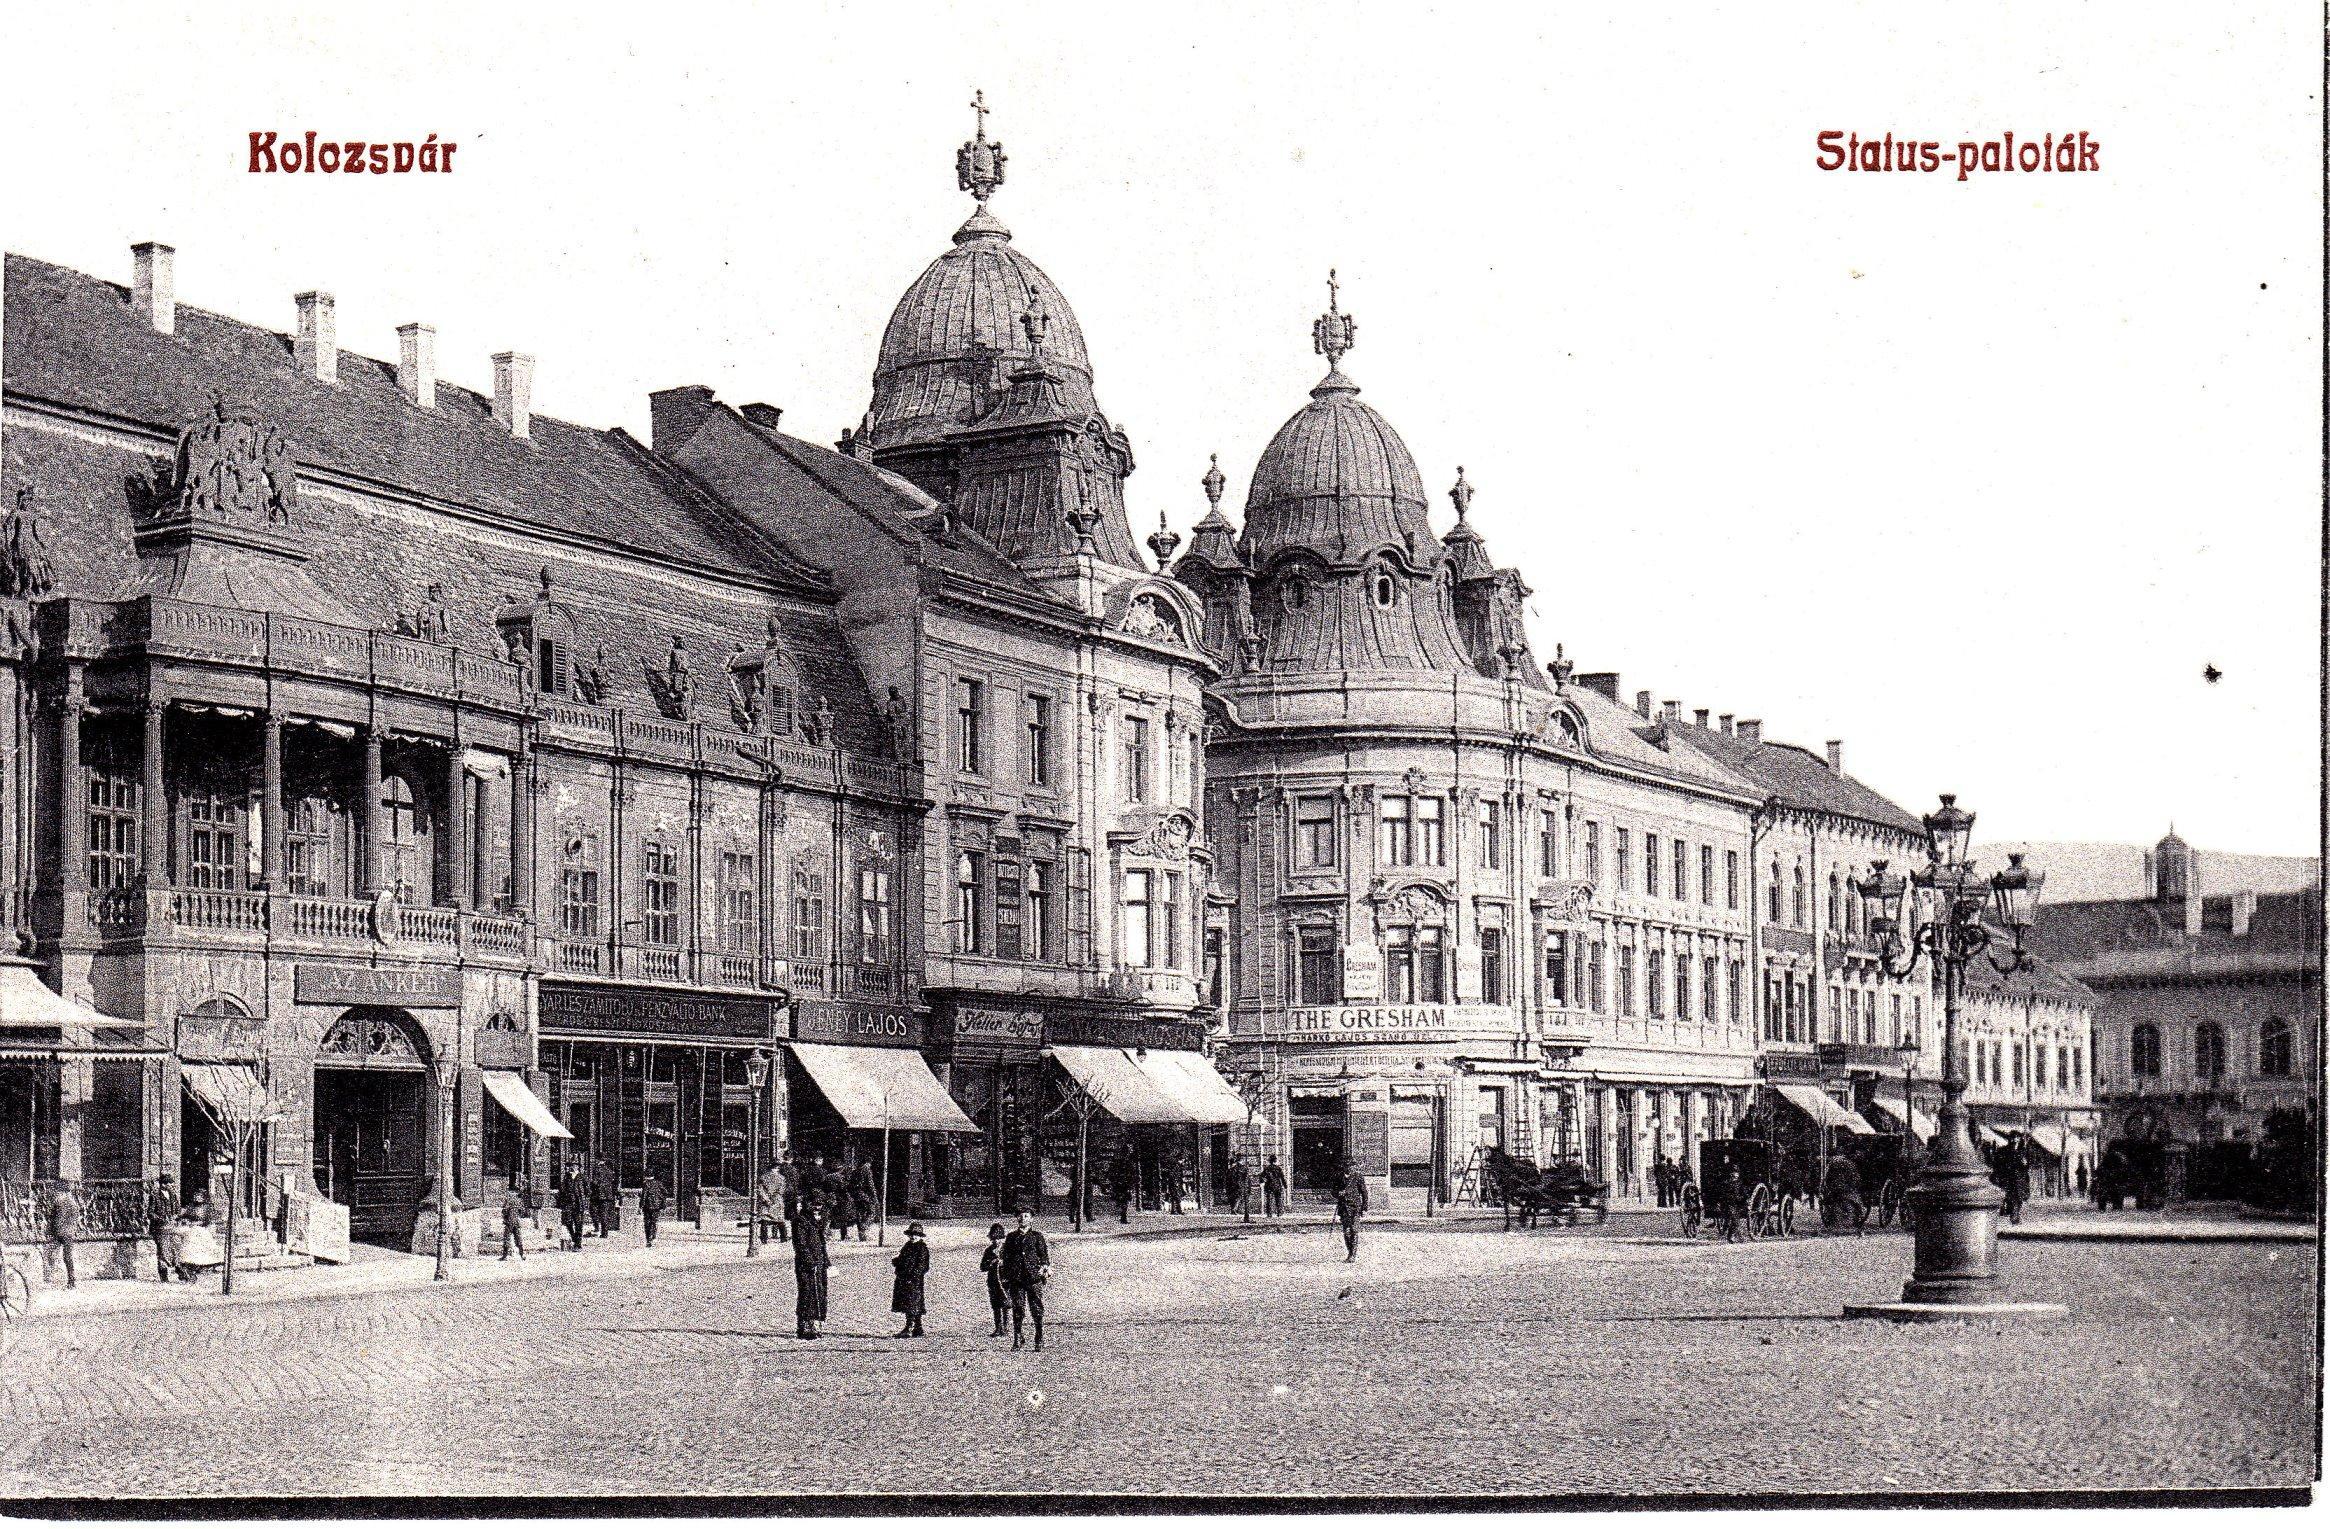 Maghiarii clujeni acuză Primăria că a șters în photoshop numele maghiare din pozele istorice - FOTO